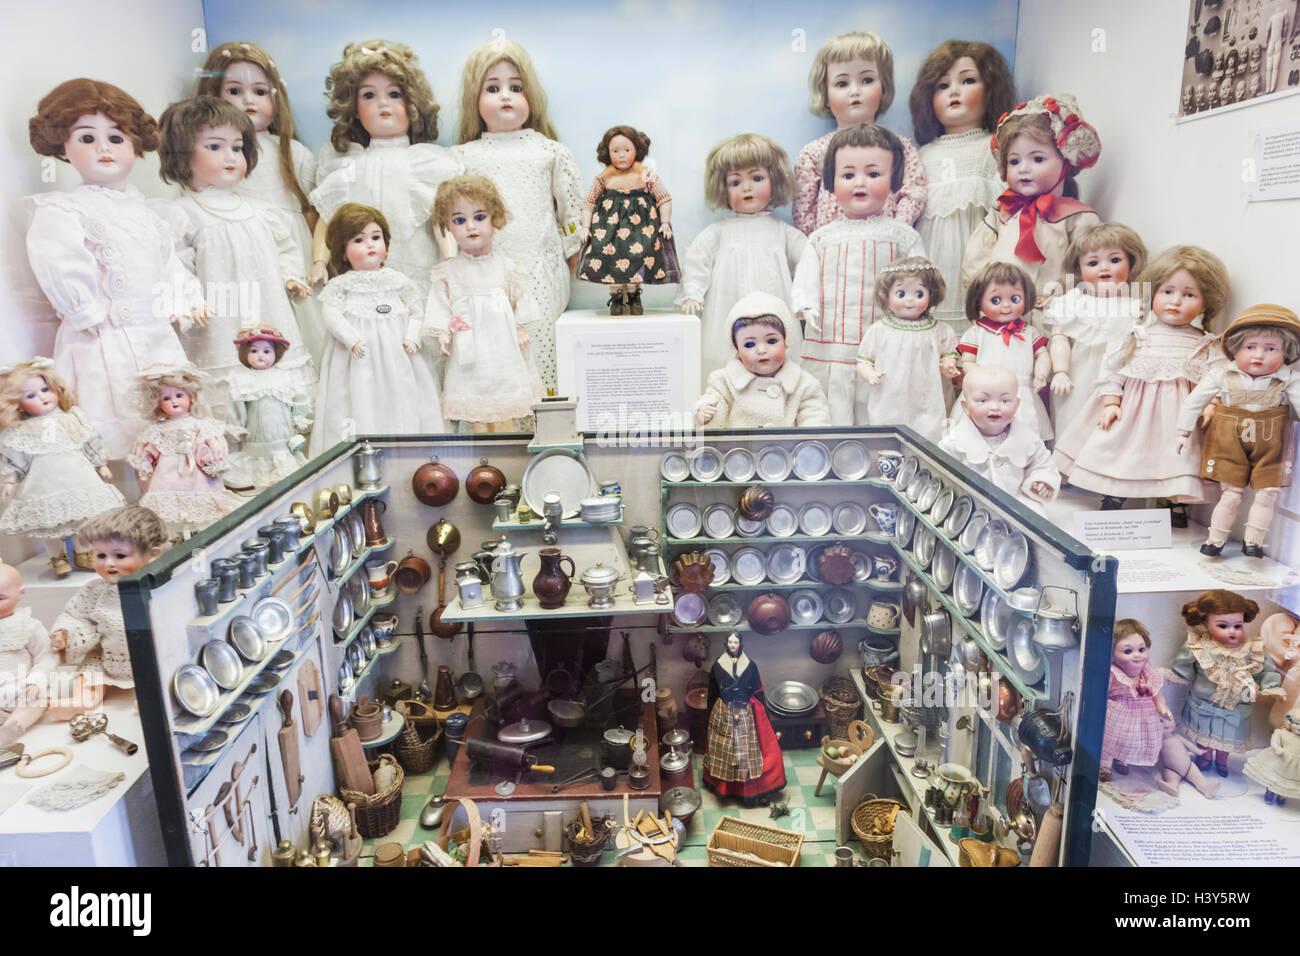 Deutschland Bayern Munchen Marienplatz Altes Rathaus Spielzeug Und Teddy Museum Spielzeugmuseum Ausstellen Der Weinlese Puppen Und D Stockfotografie Alamy